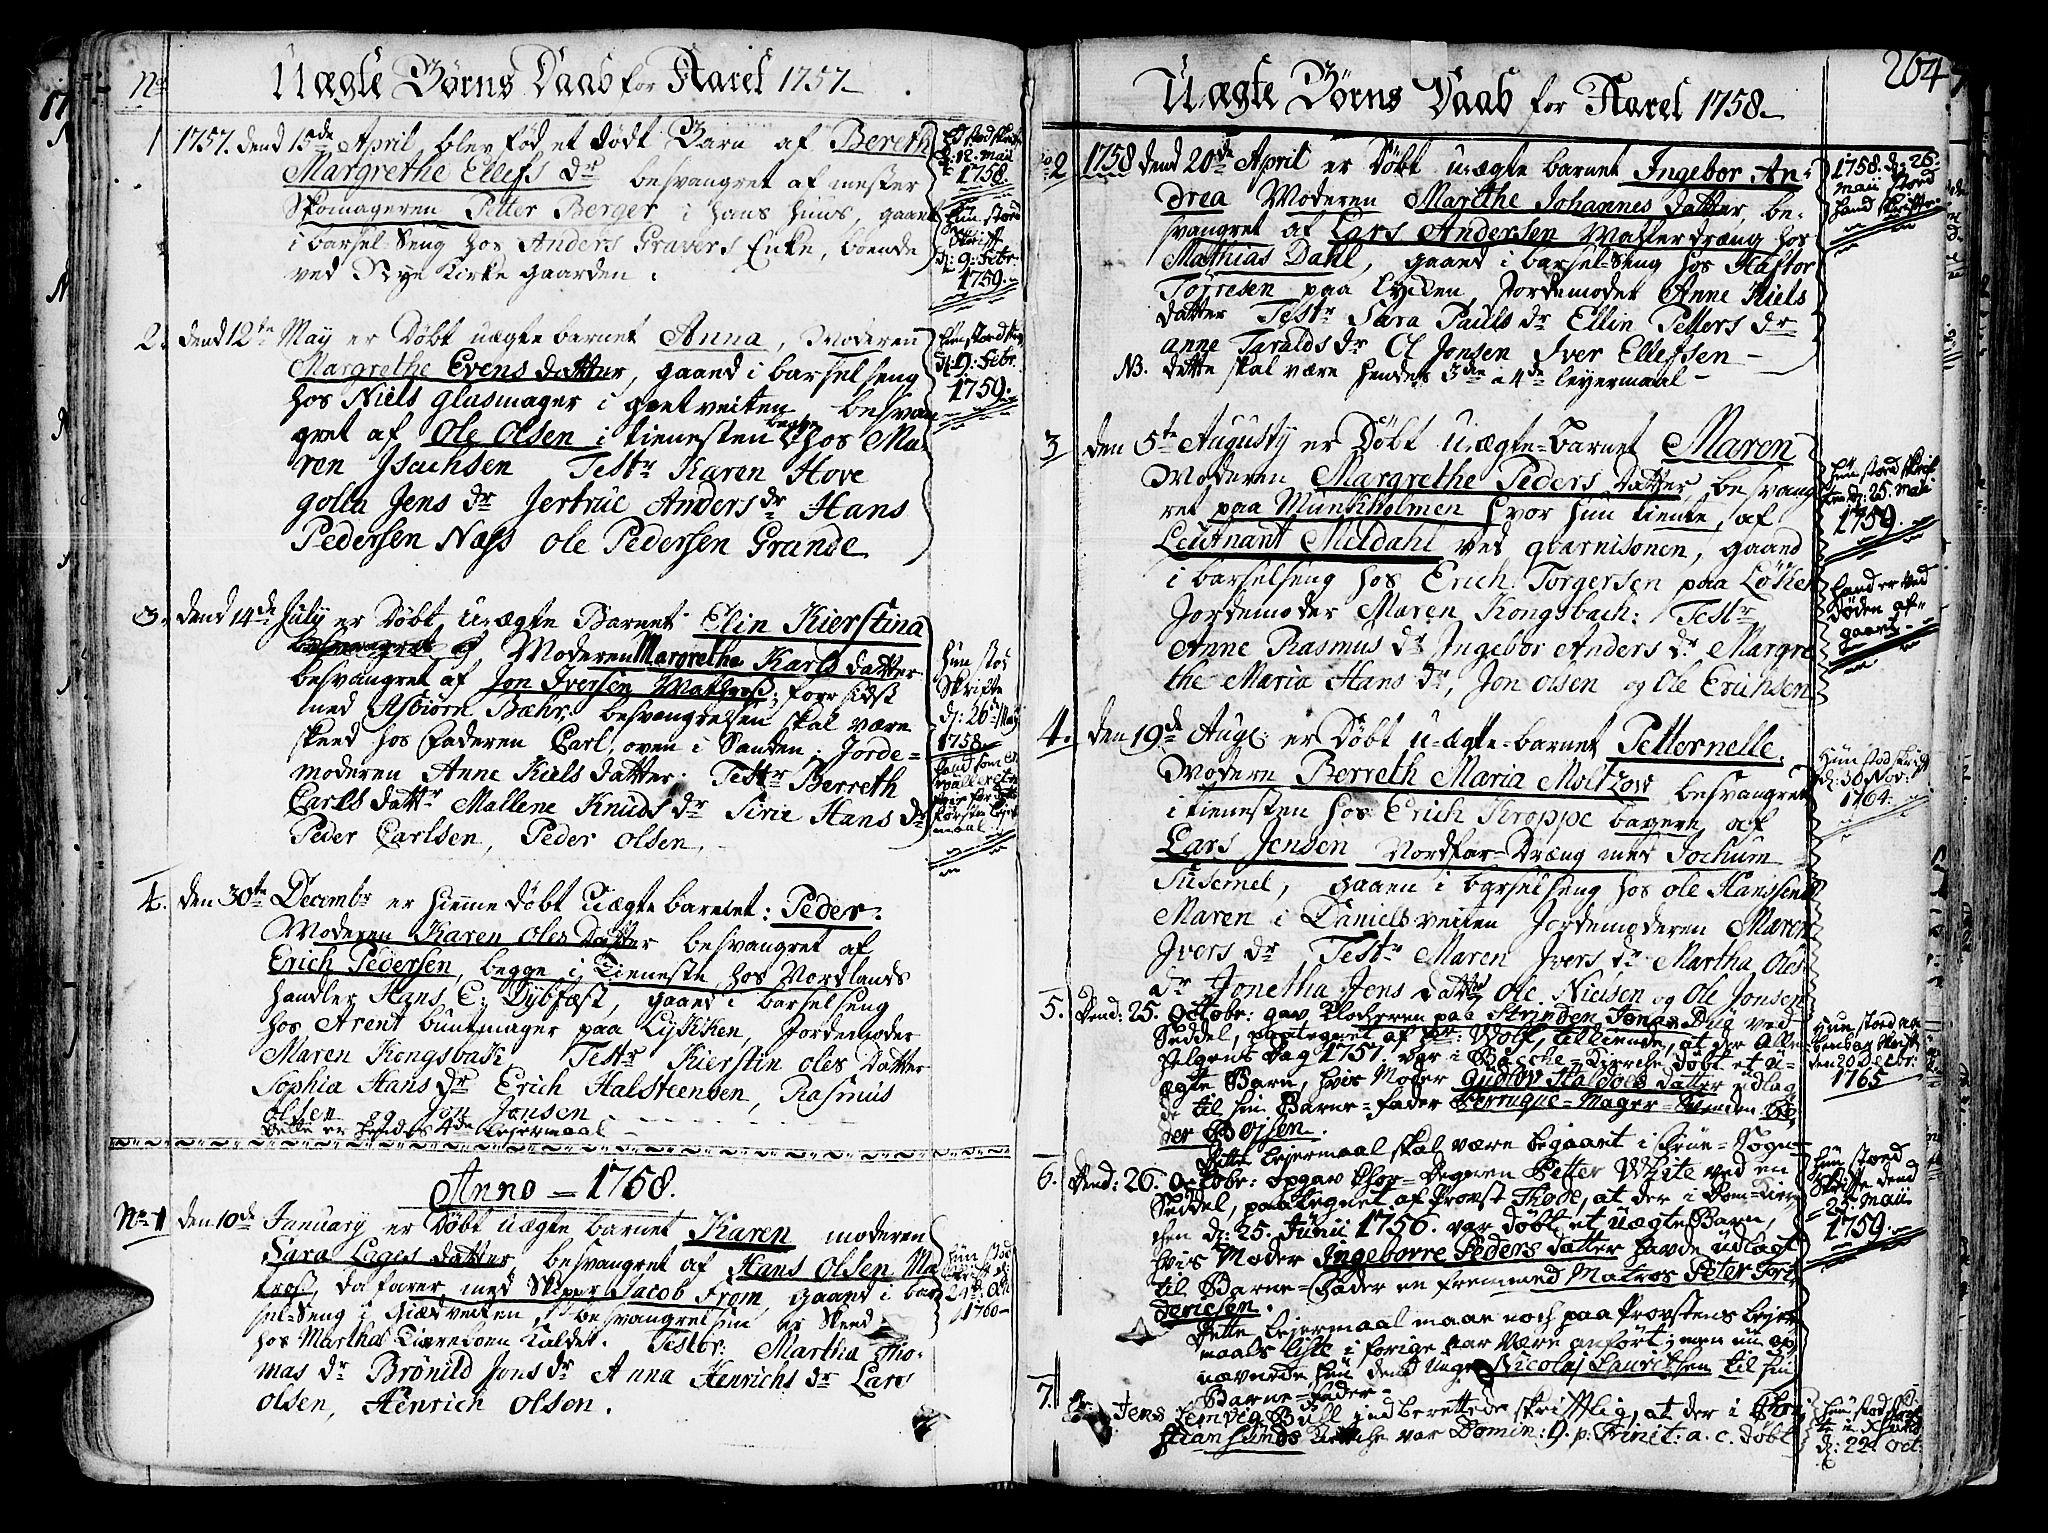 SAT, Ministerialprotokoller, klokkerbøker og fødselsregistre - Sør-Trøndelag, 602/L0103: Ministerialbok nr. 602A01, 1732-1774, s. 264